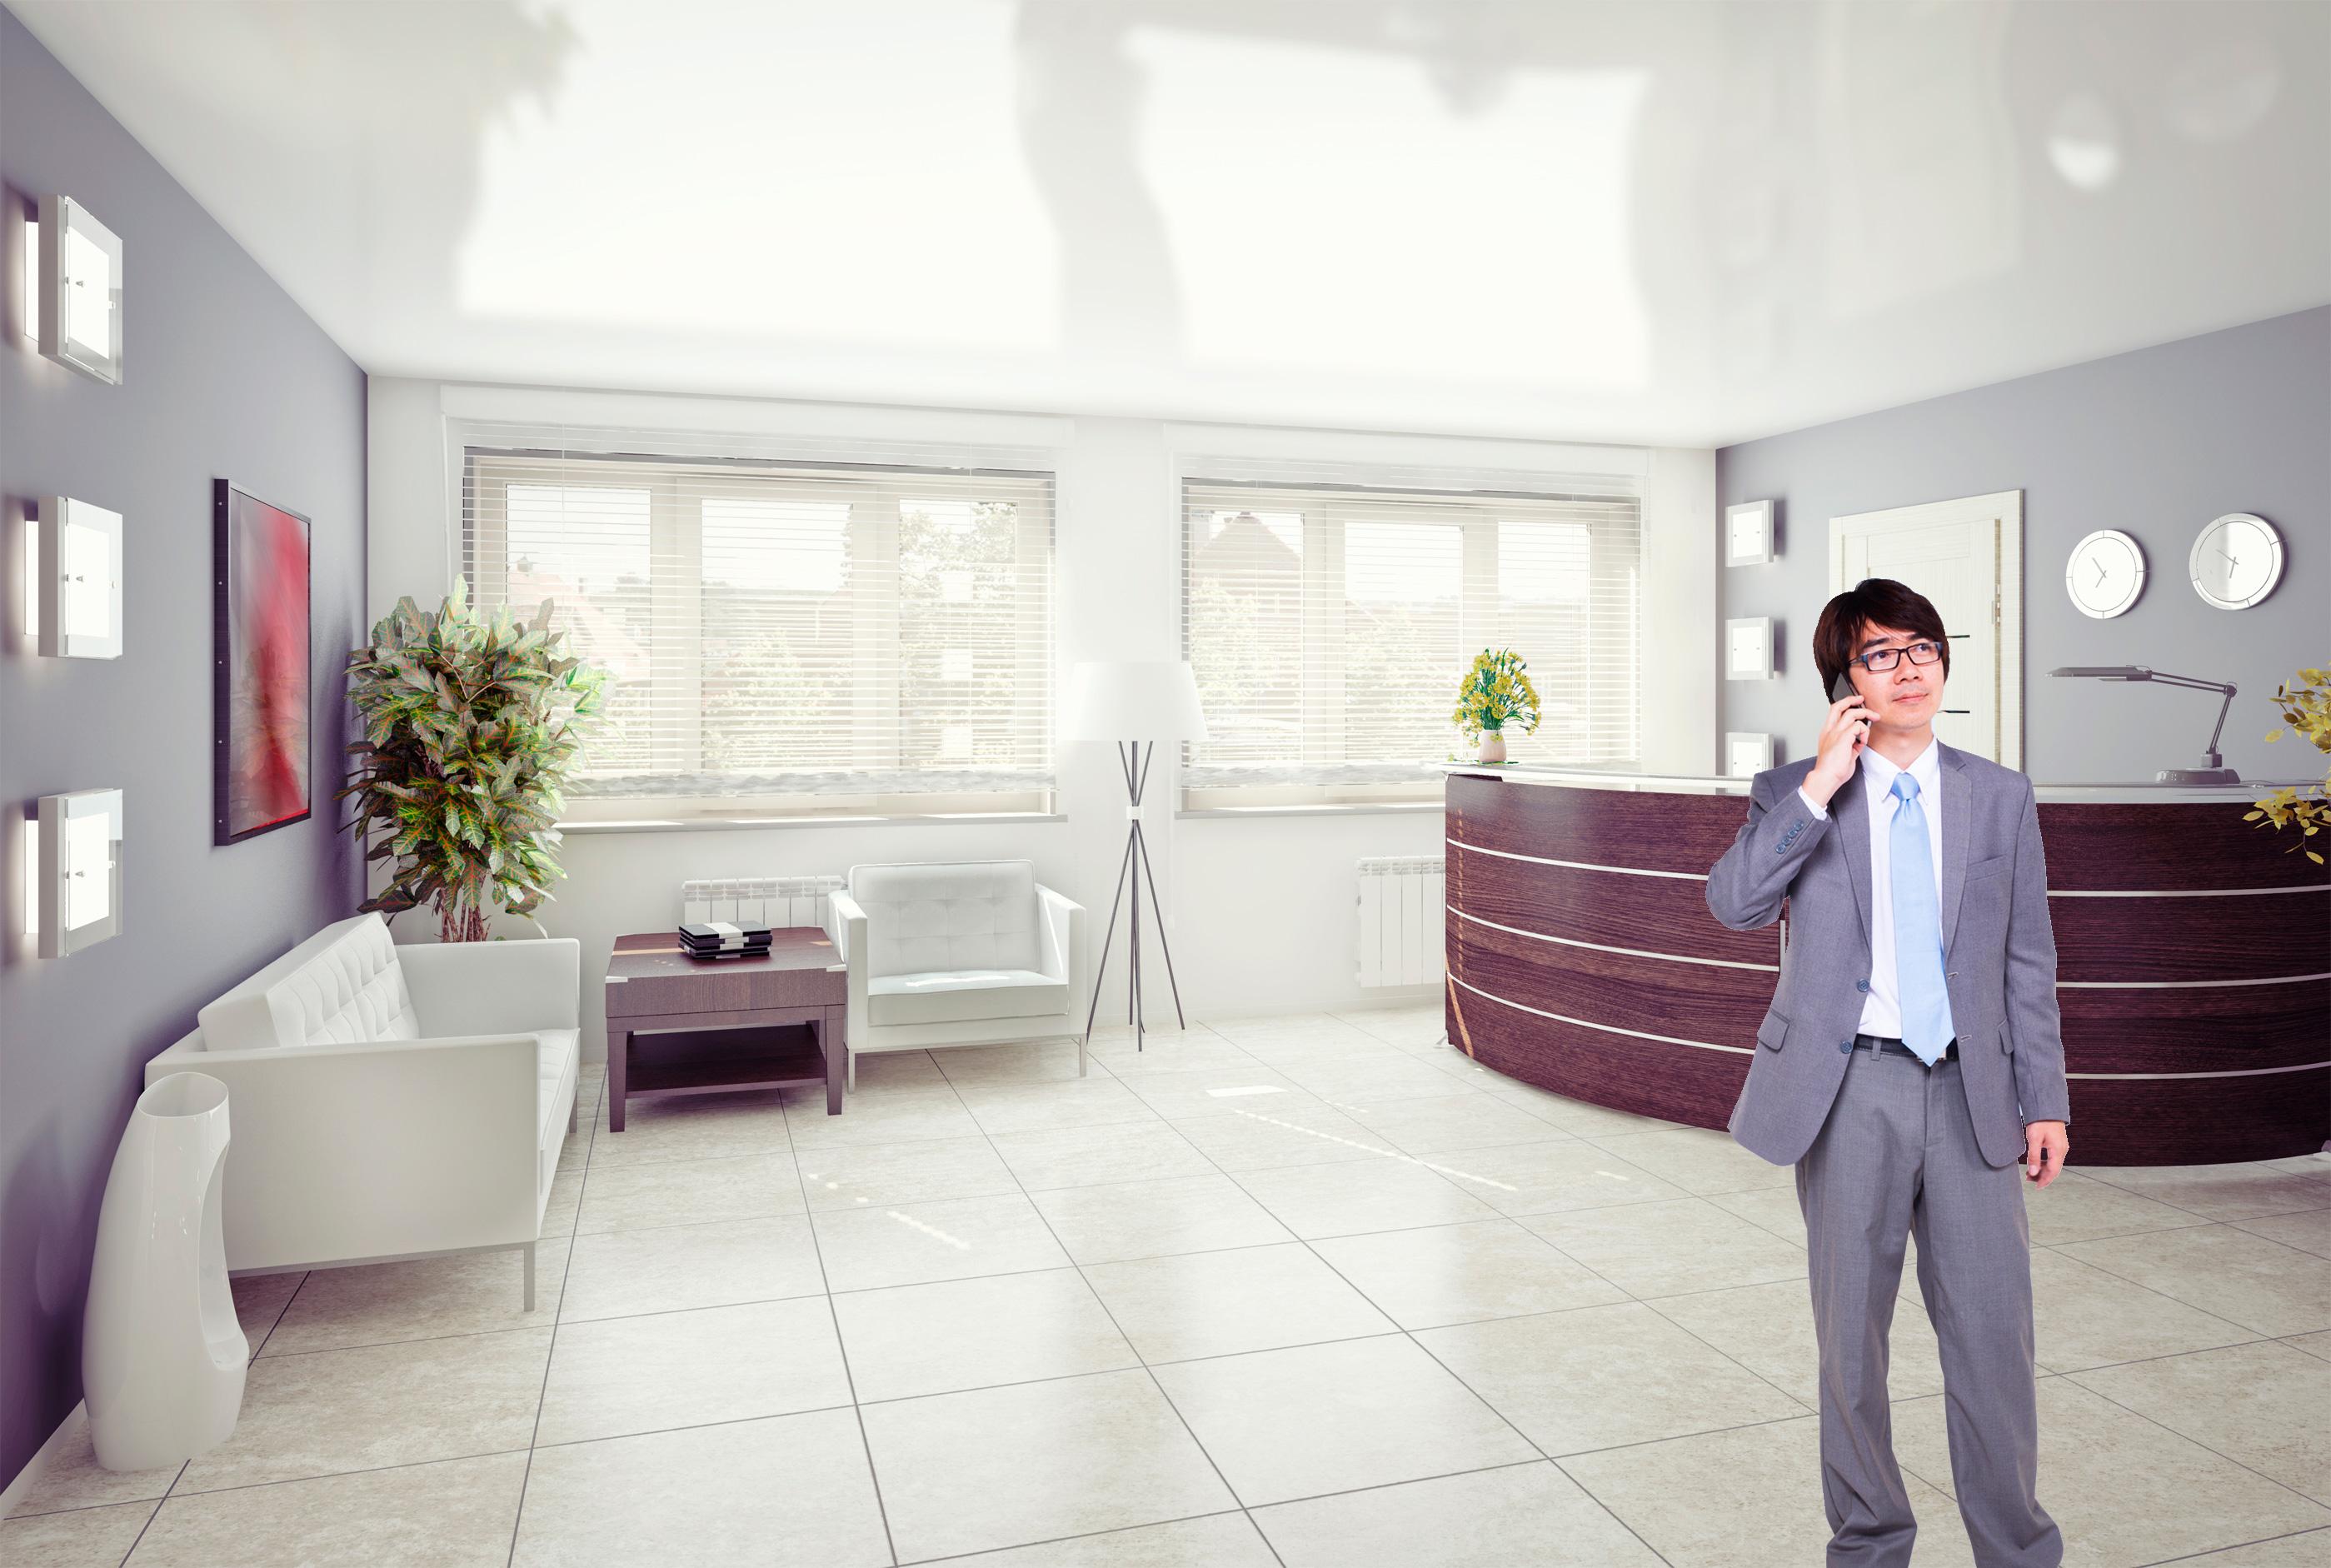 Consejos para alojarse en un hotel de forma segura